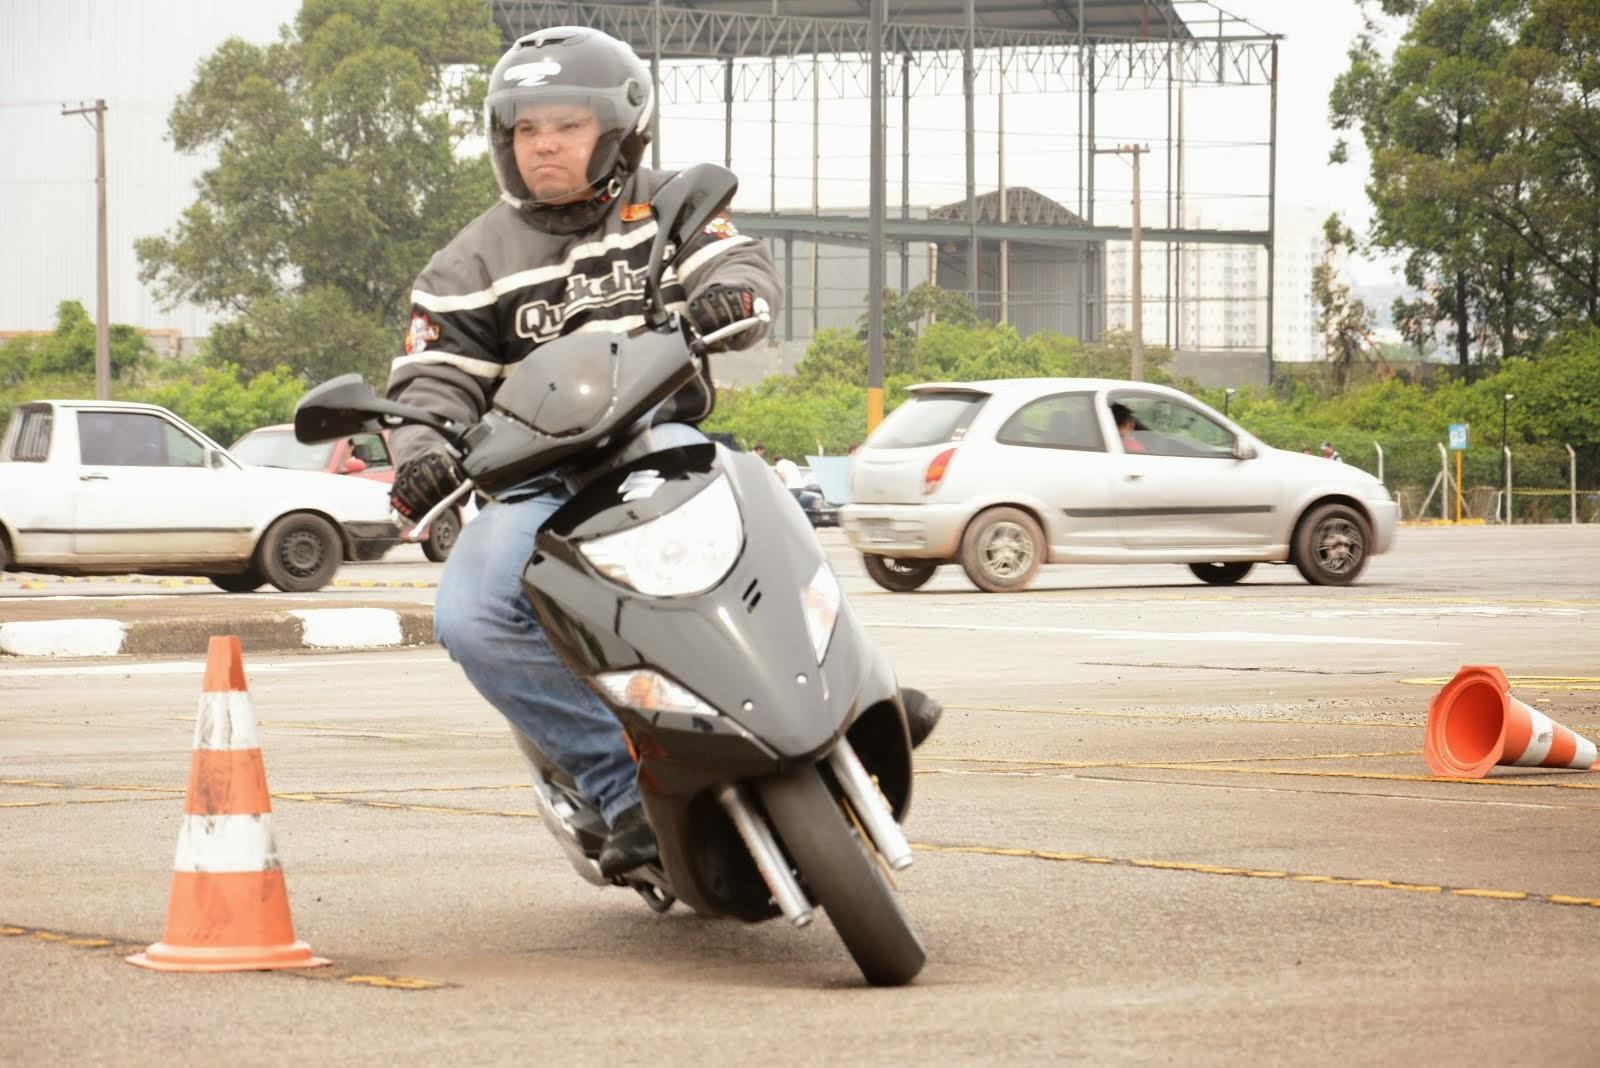 Agilidade com estabilidade, isso é a Scooter